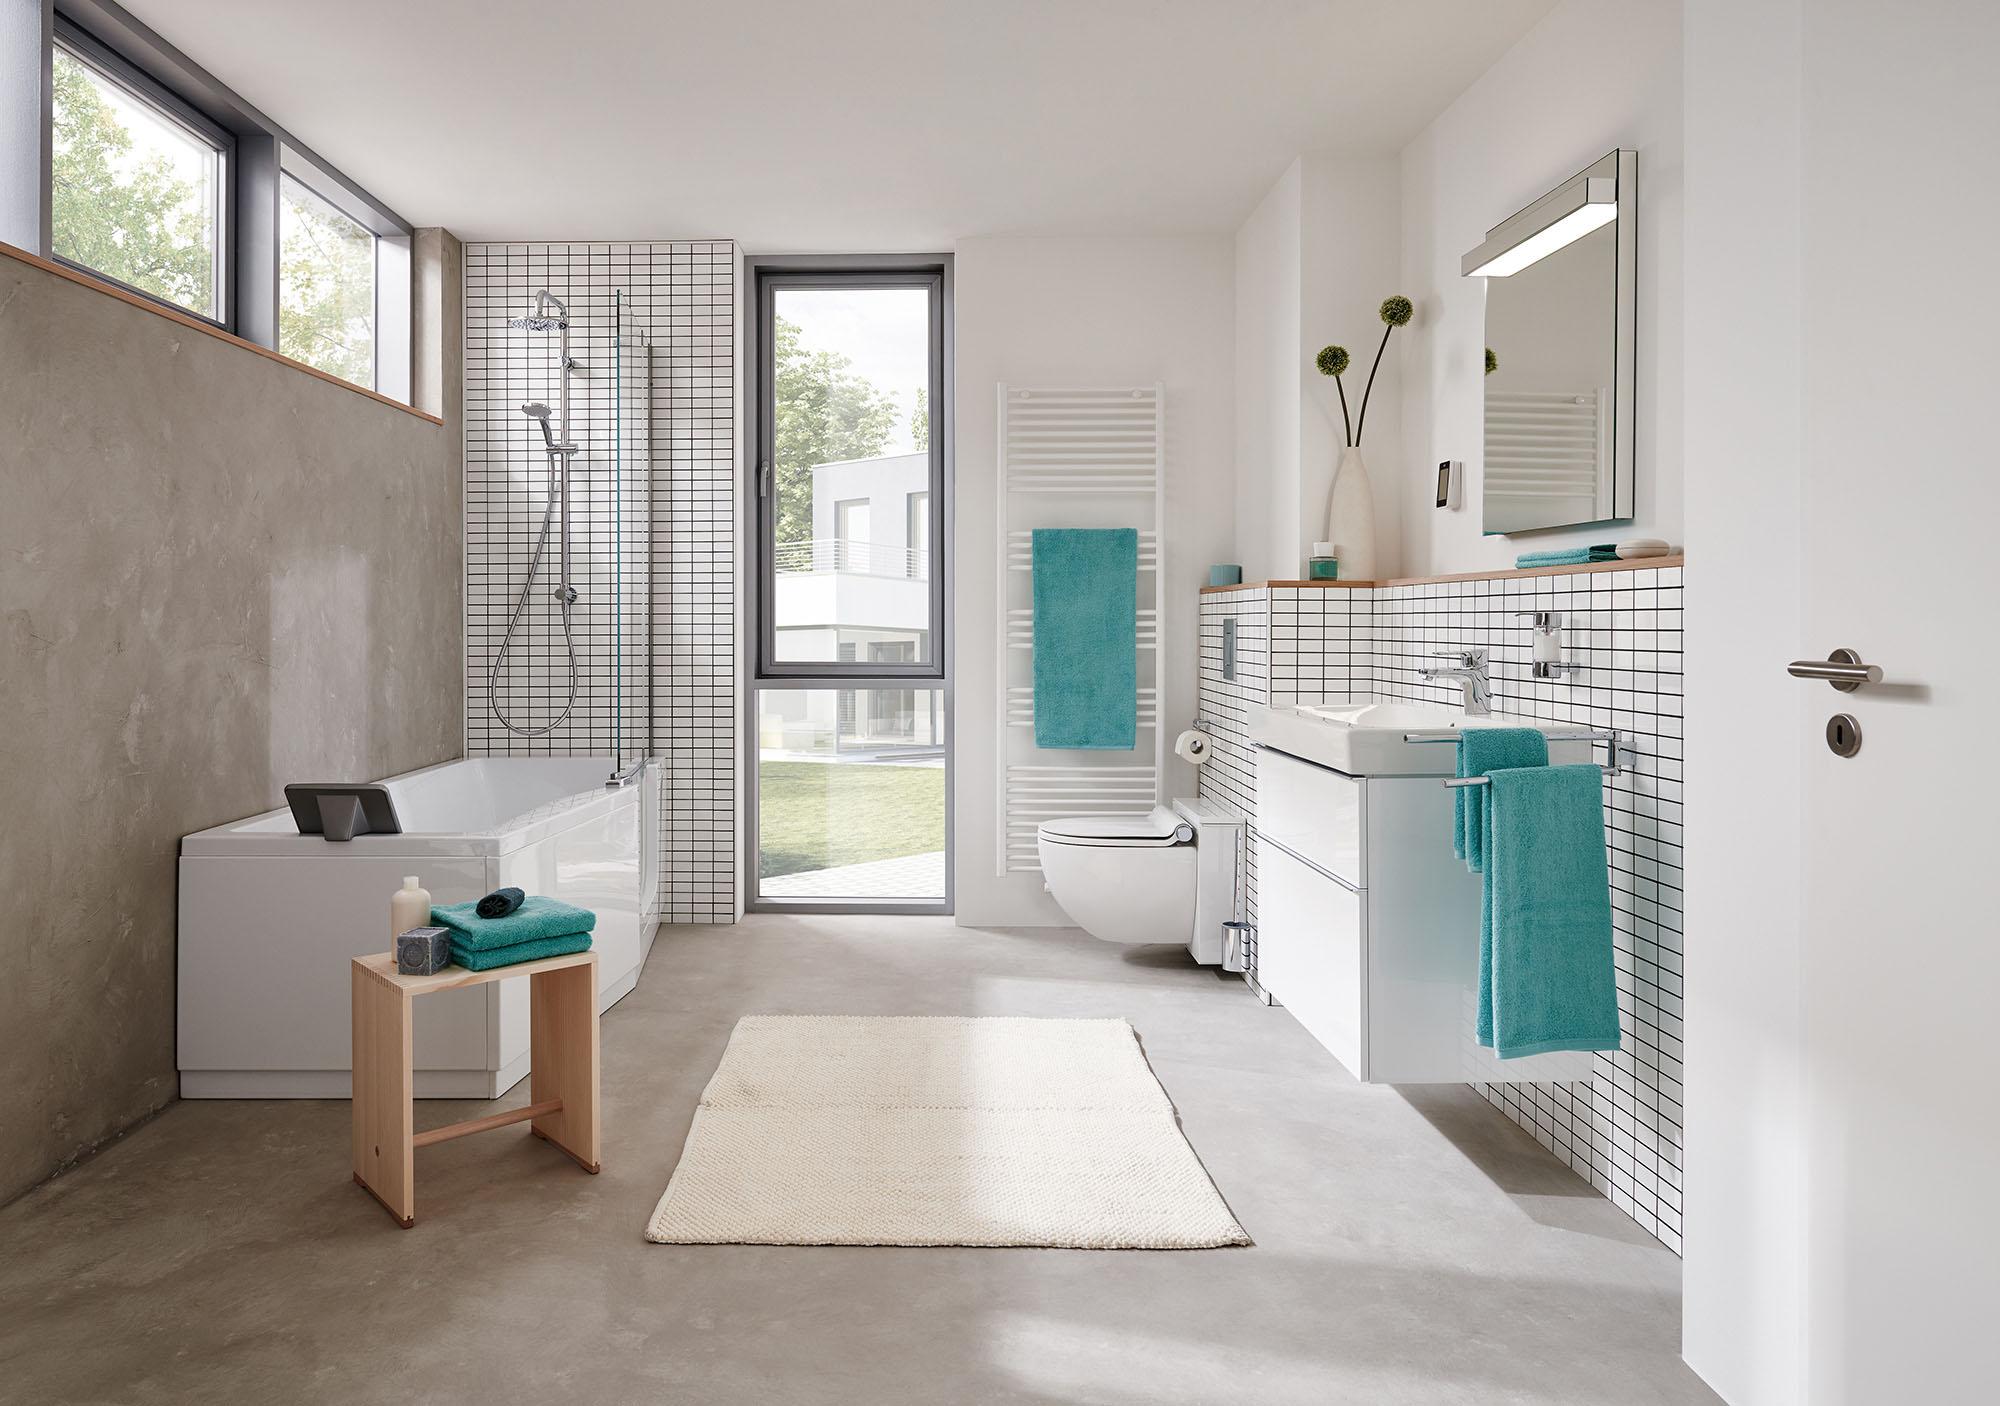 Badezimmer Kosten Neubau formschönes traumbad statt finanzieller alptraum mit der drittel